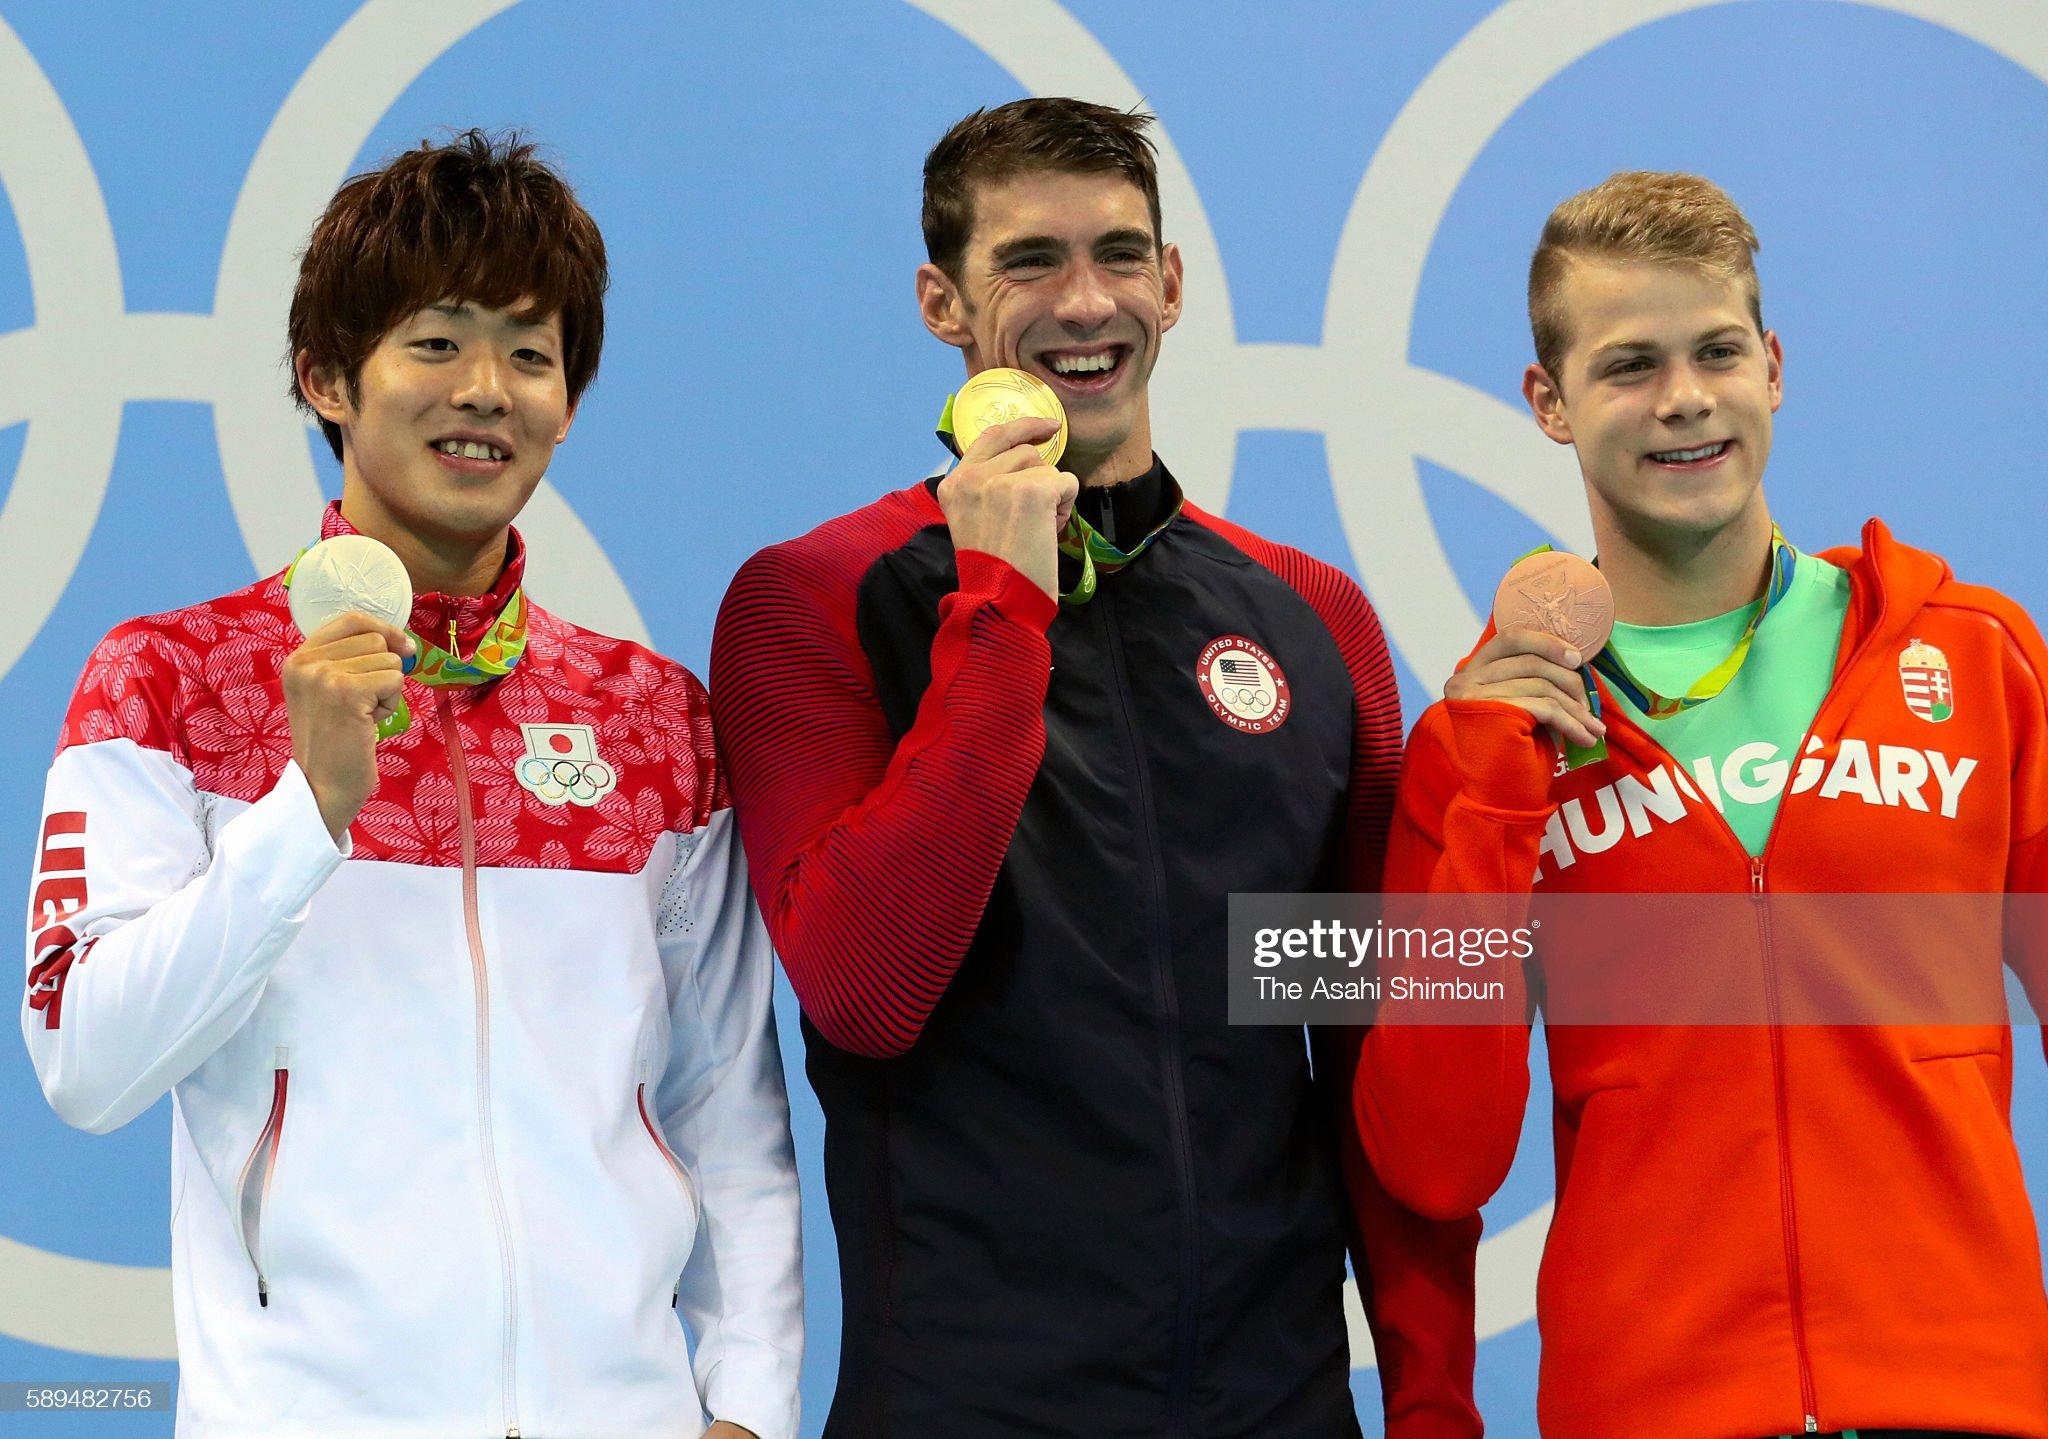 Swimming - Olympics: Day 4 : Fotografía de noticias